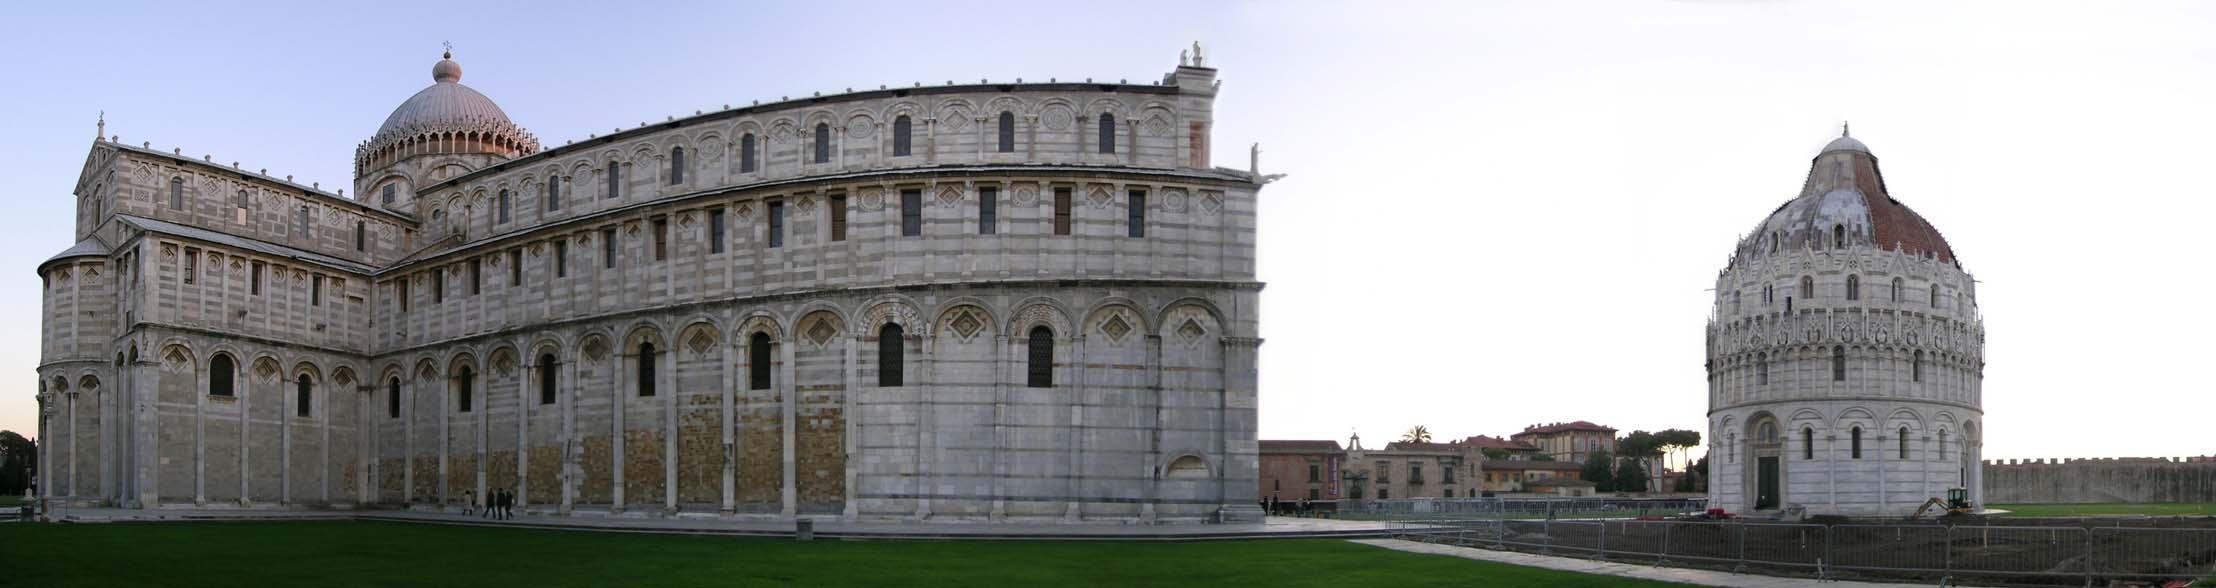 Piazza dei Miracoli [2]